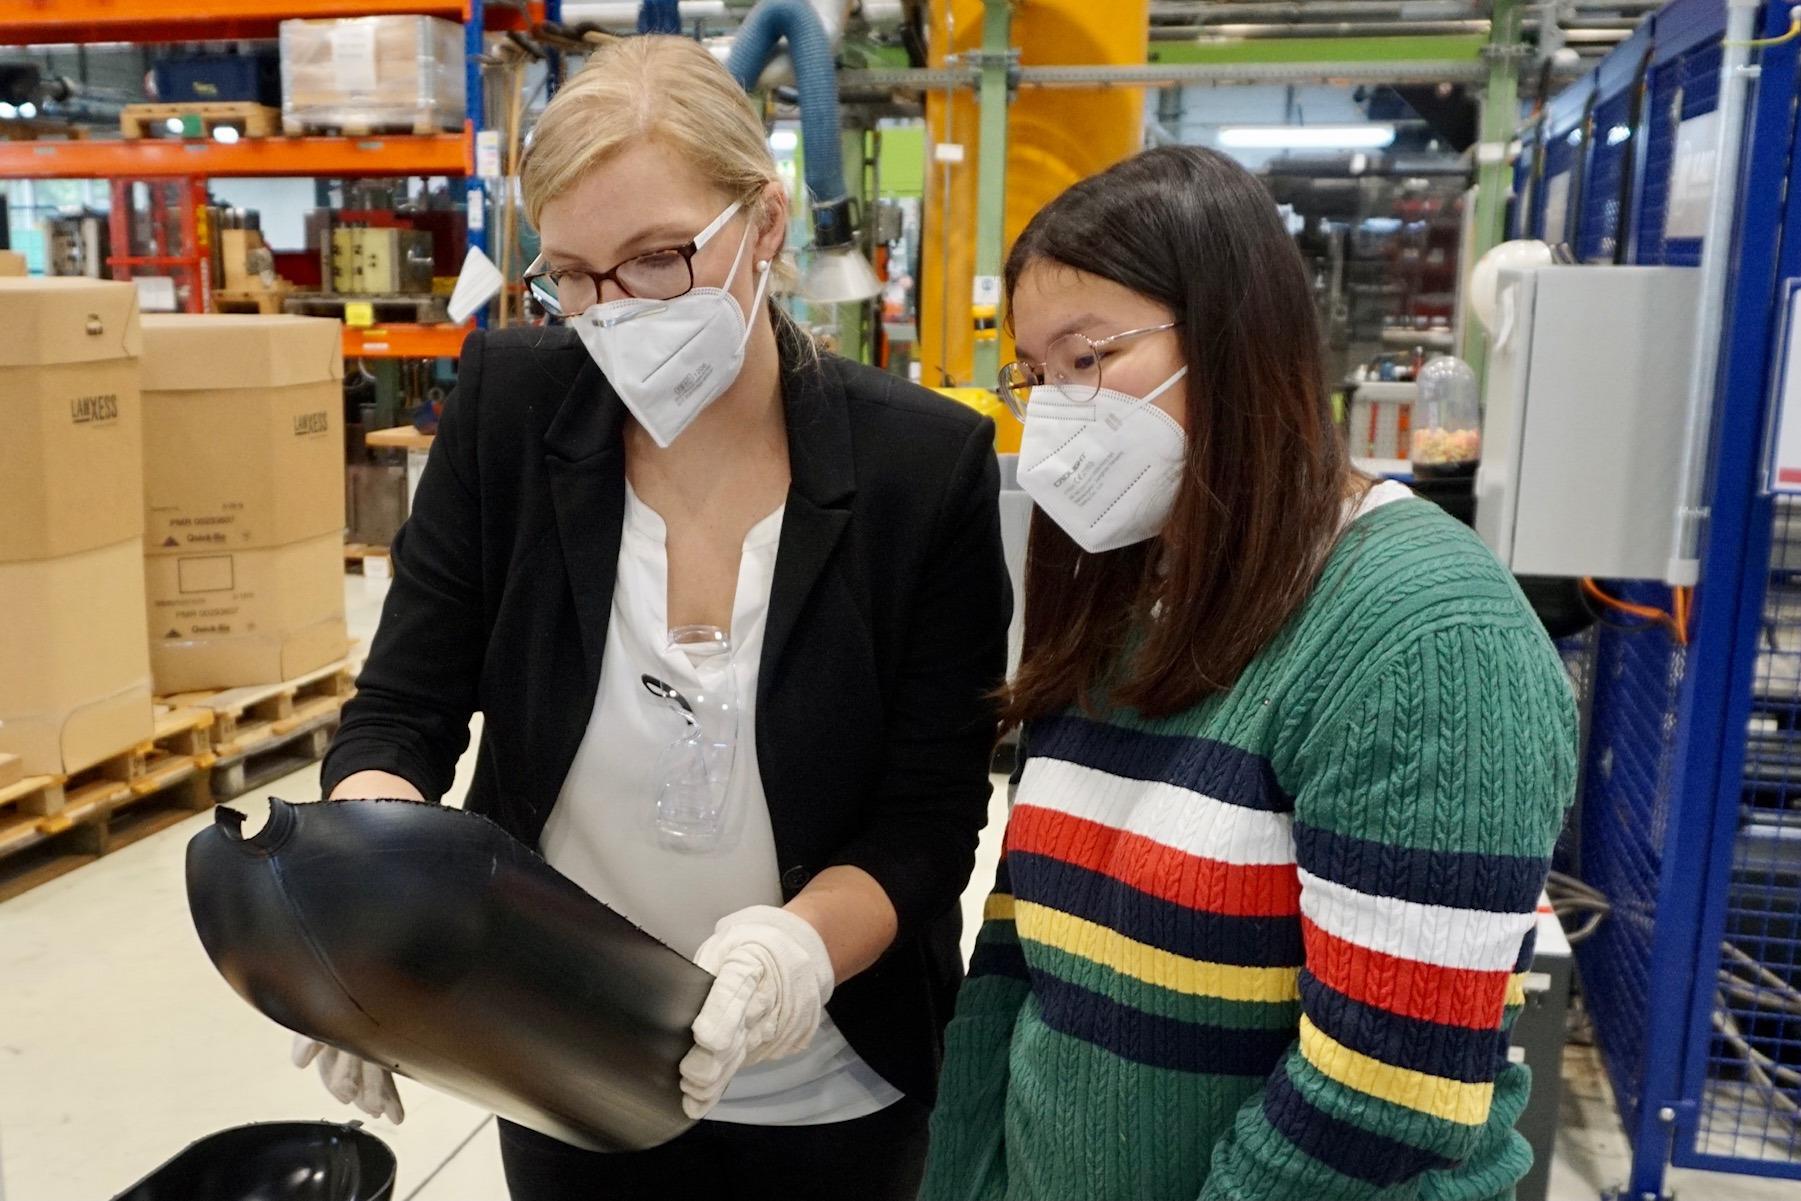 Loreen Köhler, Ingenieurin im Kunststofftechnikum bei LANXESS in Dormagen, erklärt Franka Hembach, Schülerin aus Nideggen, die Besonderheiten eines Drucktanks.